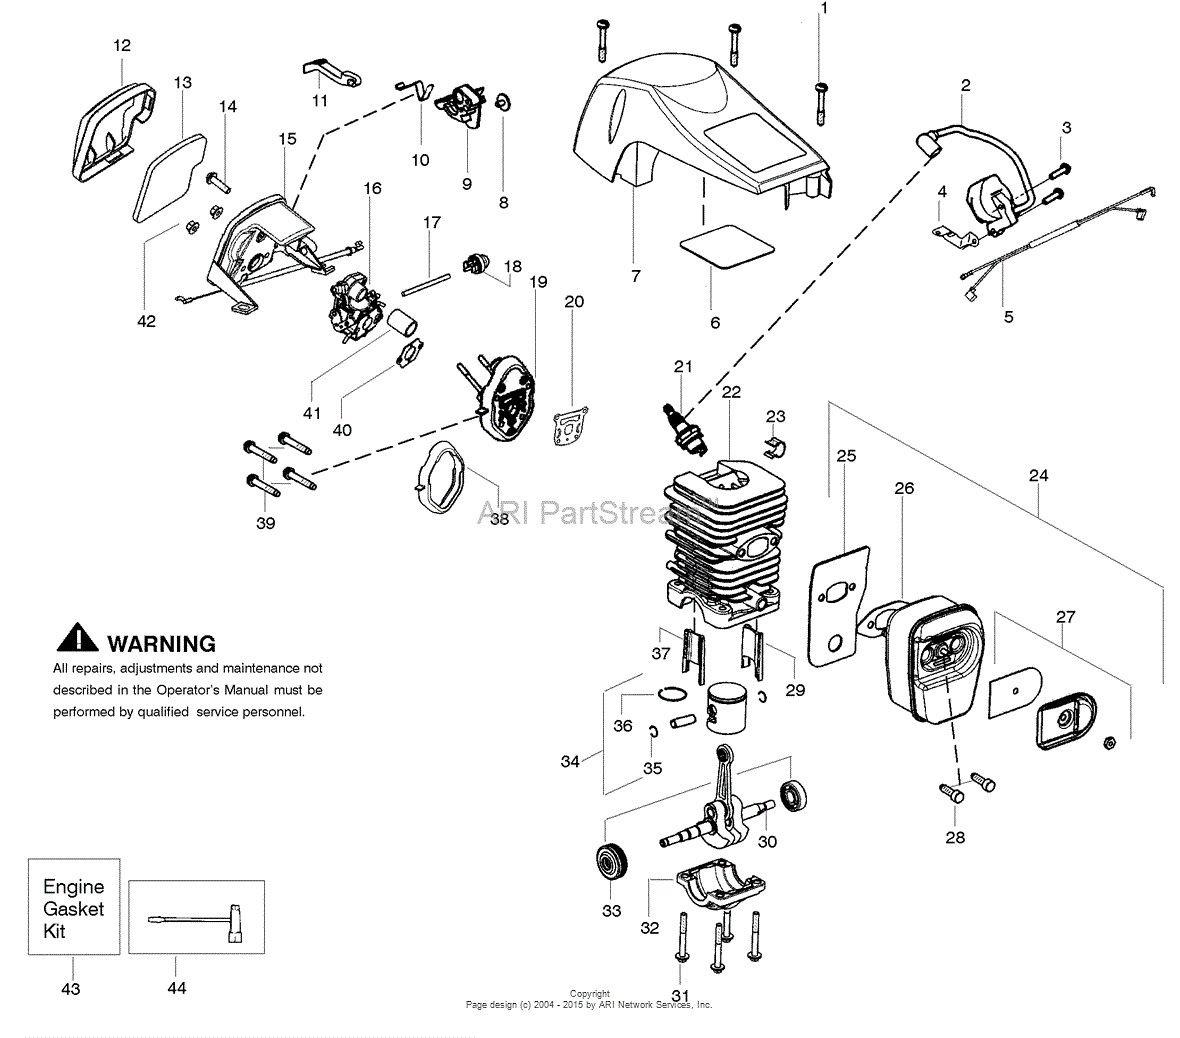 50 Poulan Pro Pp3516avx Parts Diagram Zf7r